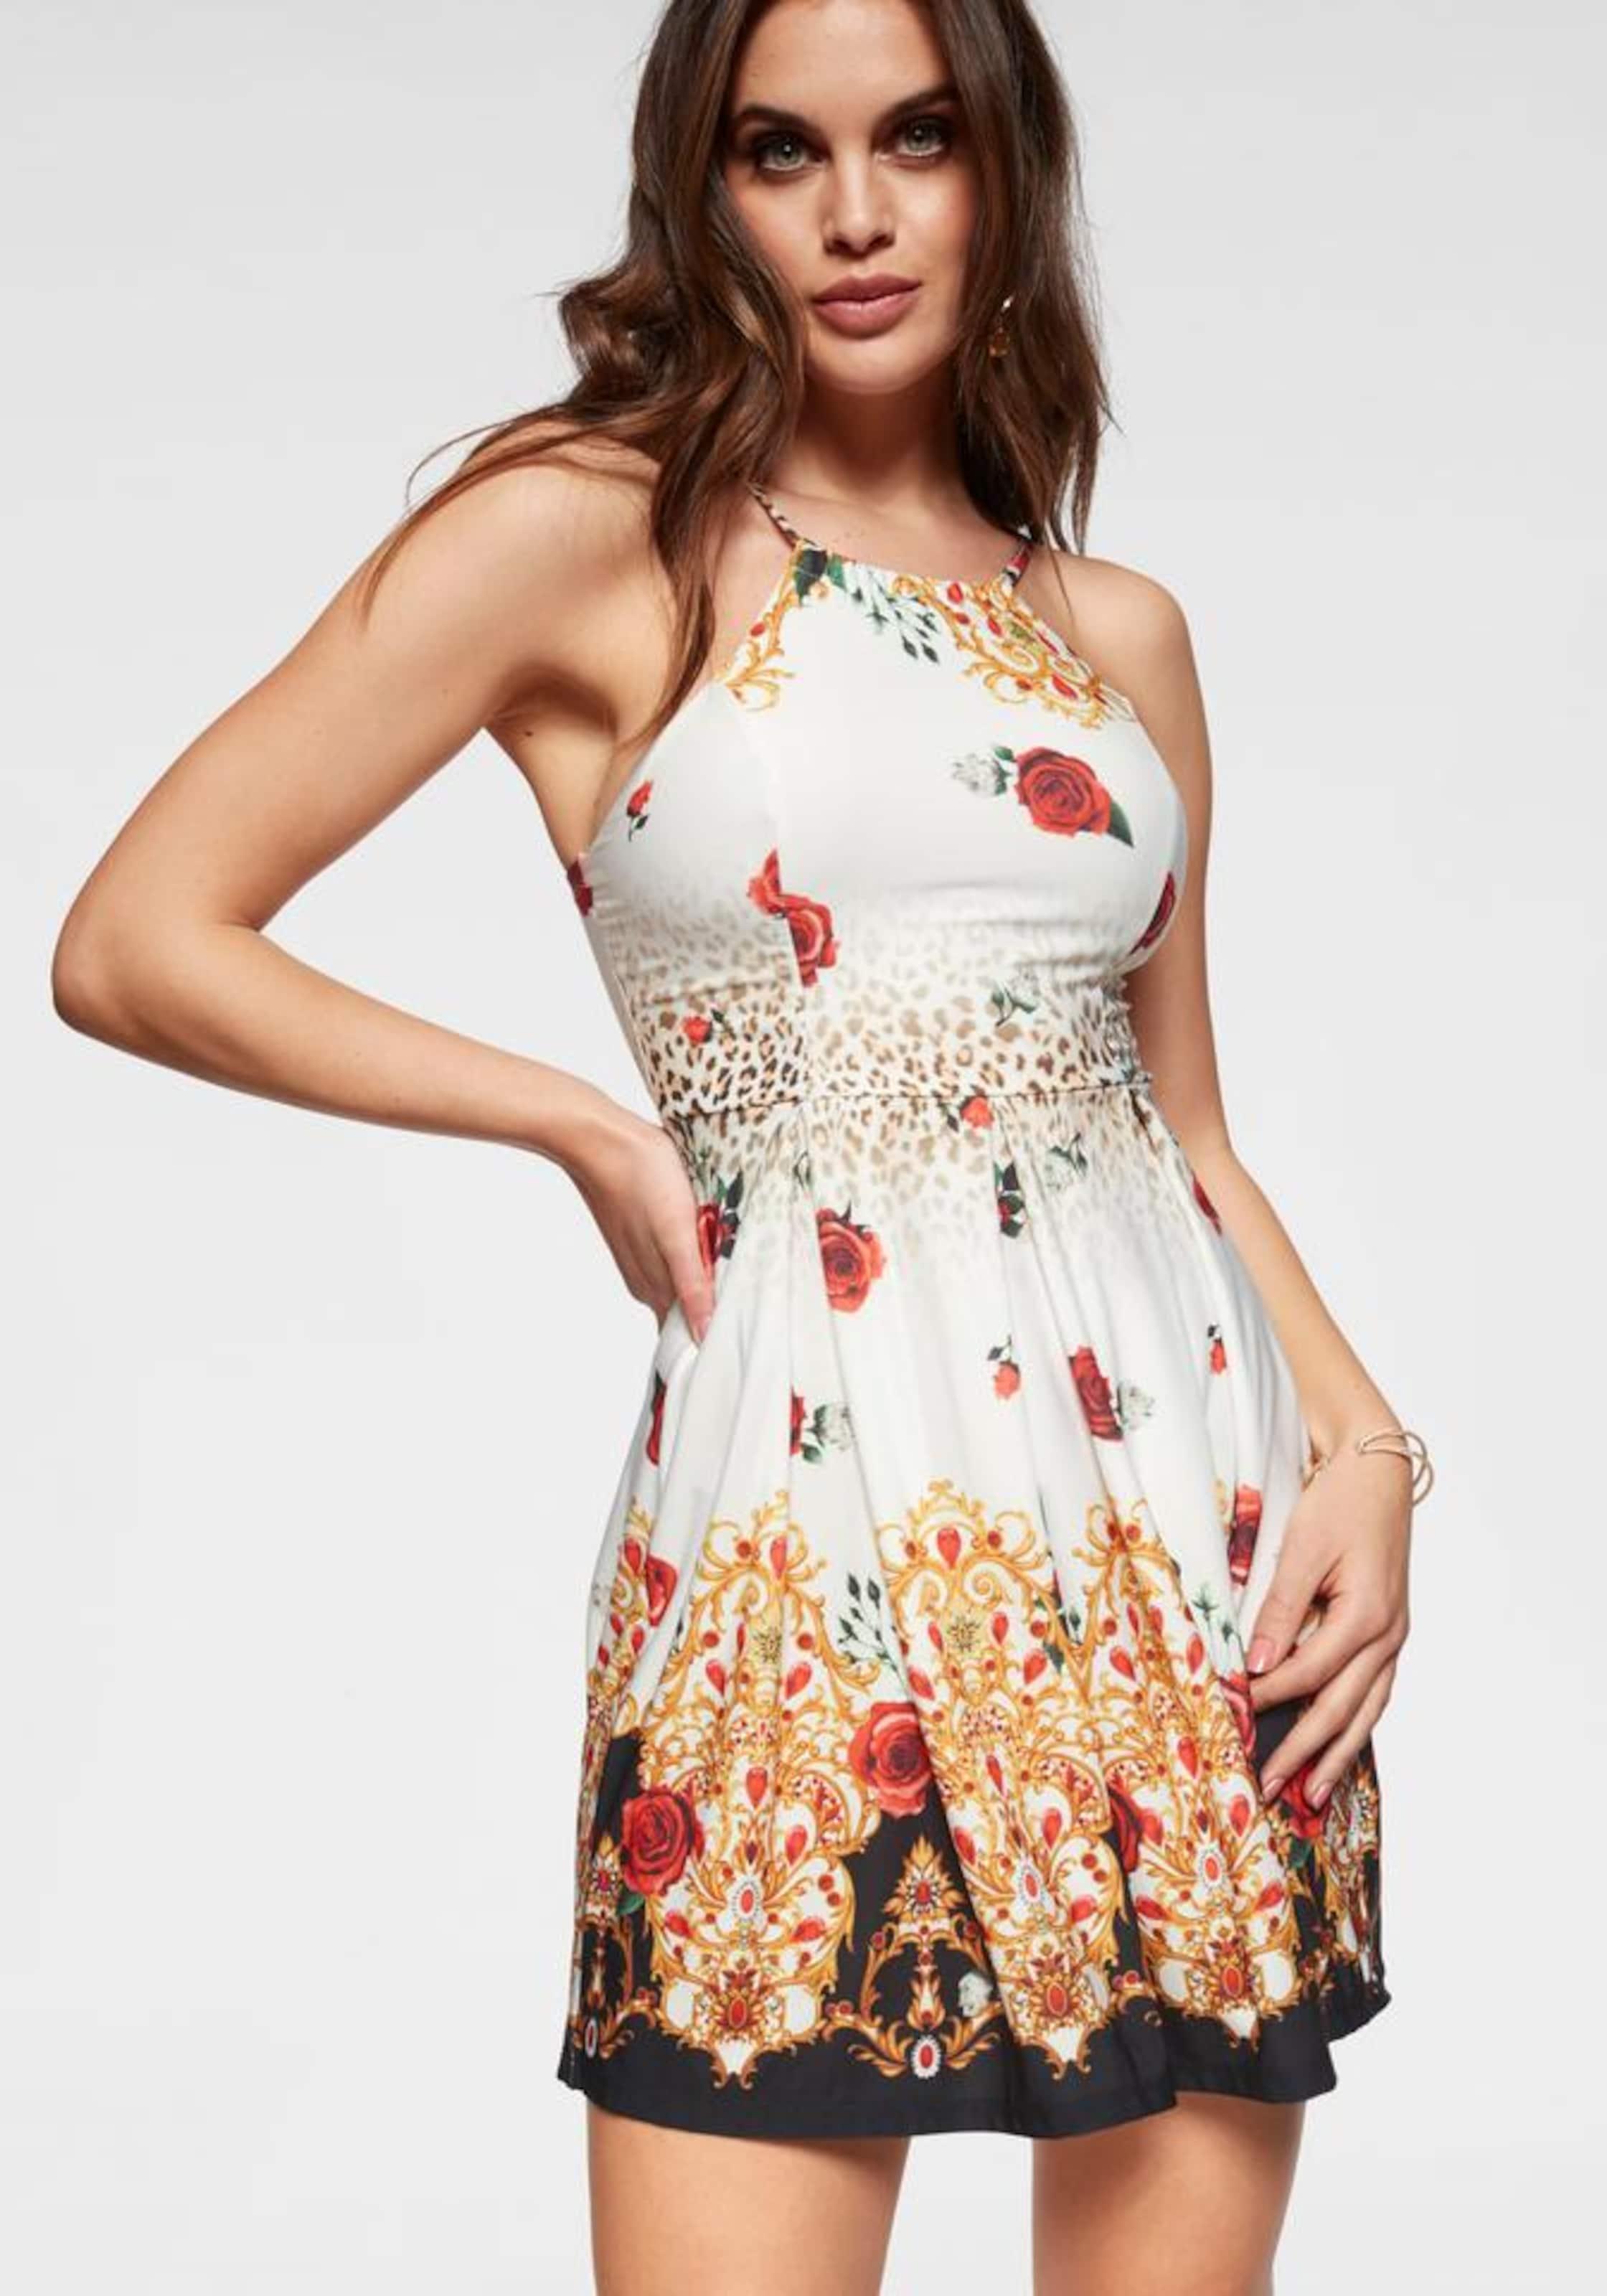 Sommerkleid Melrose In Melrose MischfarbenWeiß Sommerkleid MischfarbenWeiß In UMpGzSVqL